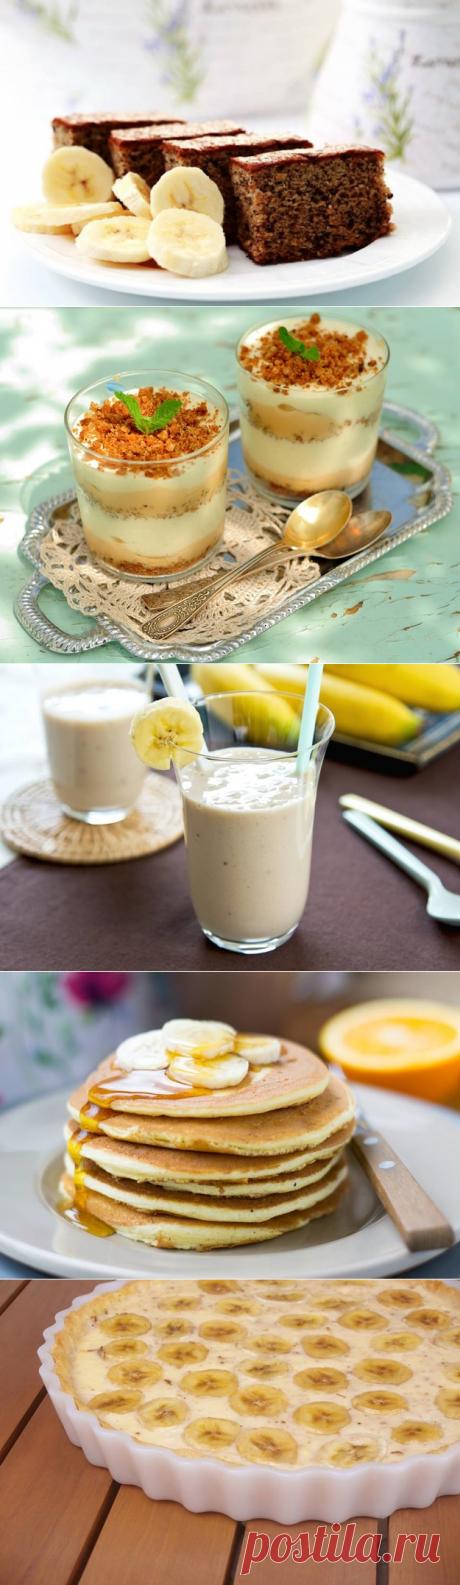 Что приготовить из переспевших бананов: 7 рецептов - KitchenMag.ru